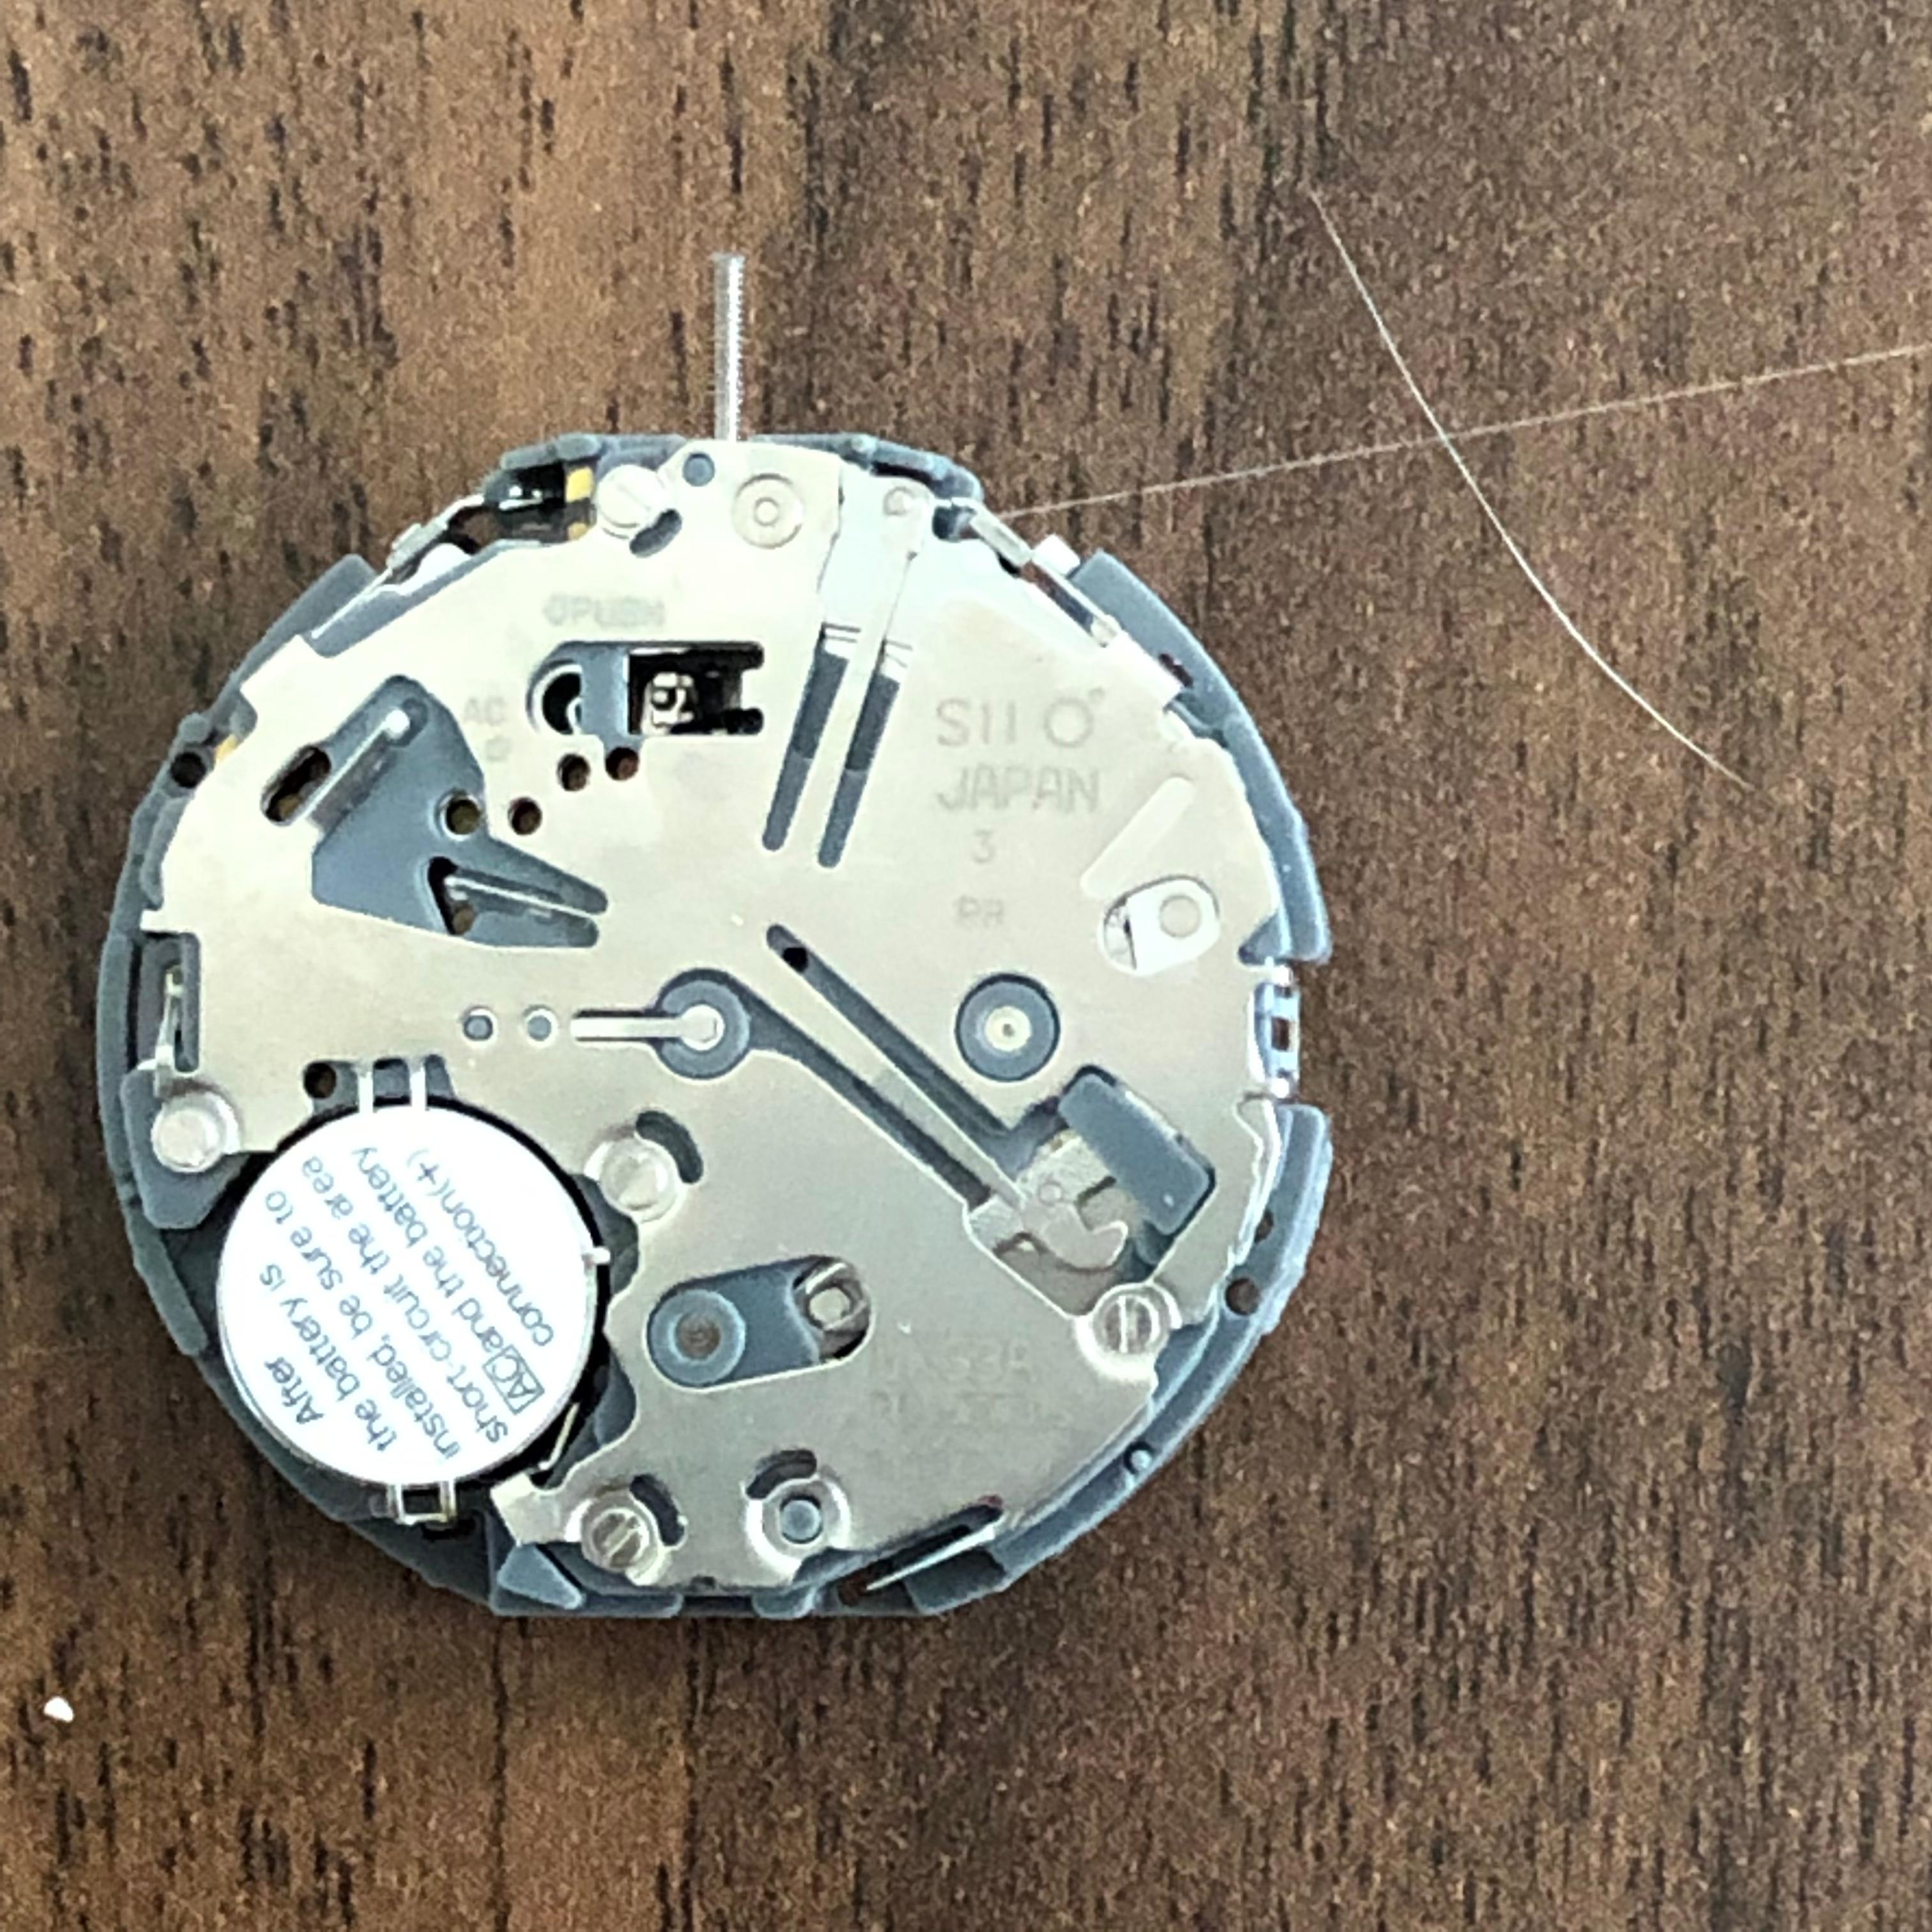 2019 3z Didun hommes montres Top marque de luxe montre automatique militaire en acier inoxydable étanche chronographe montre-bracelet